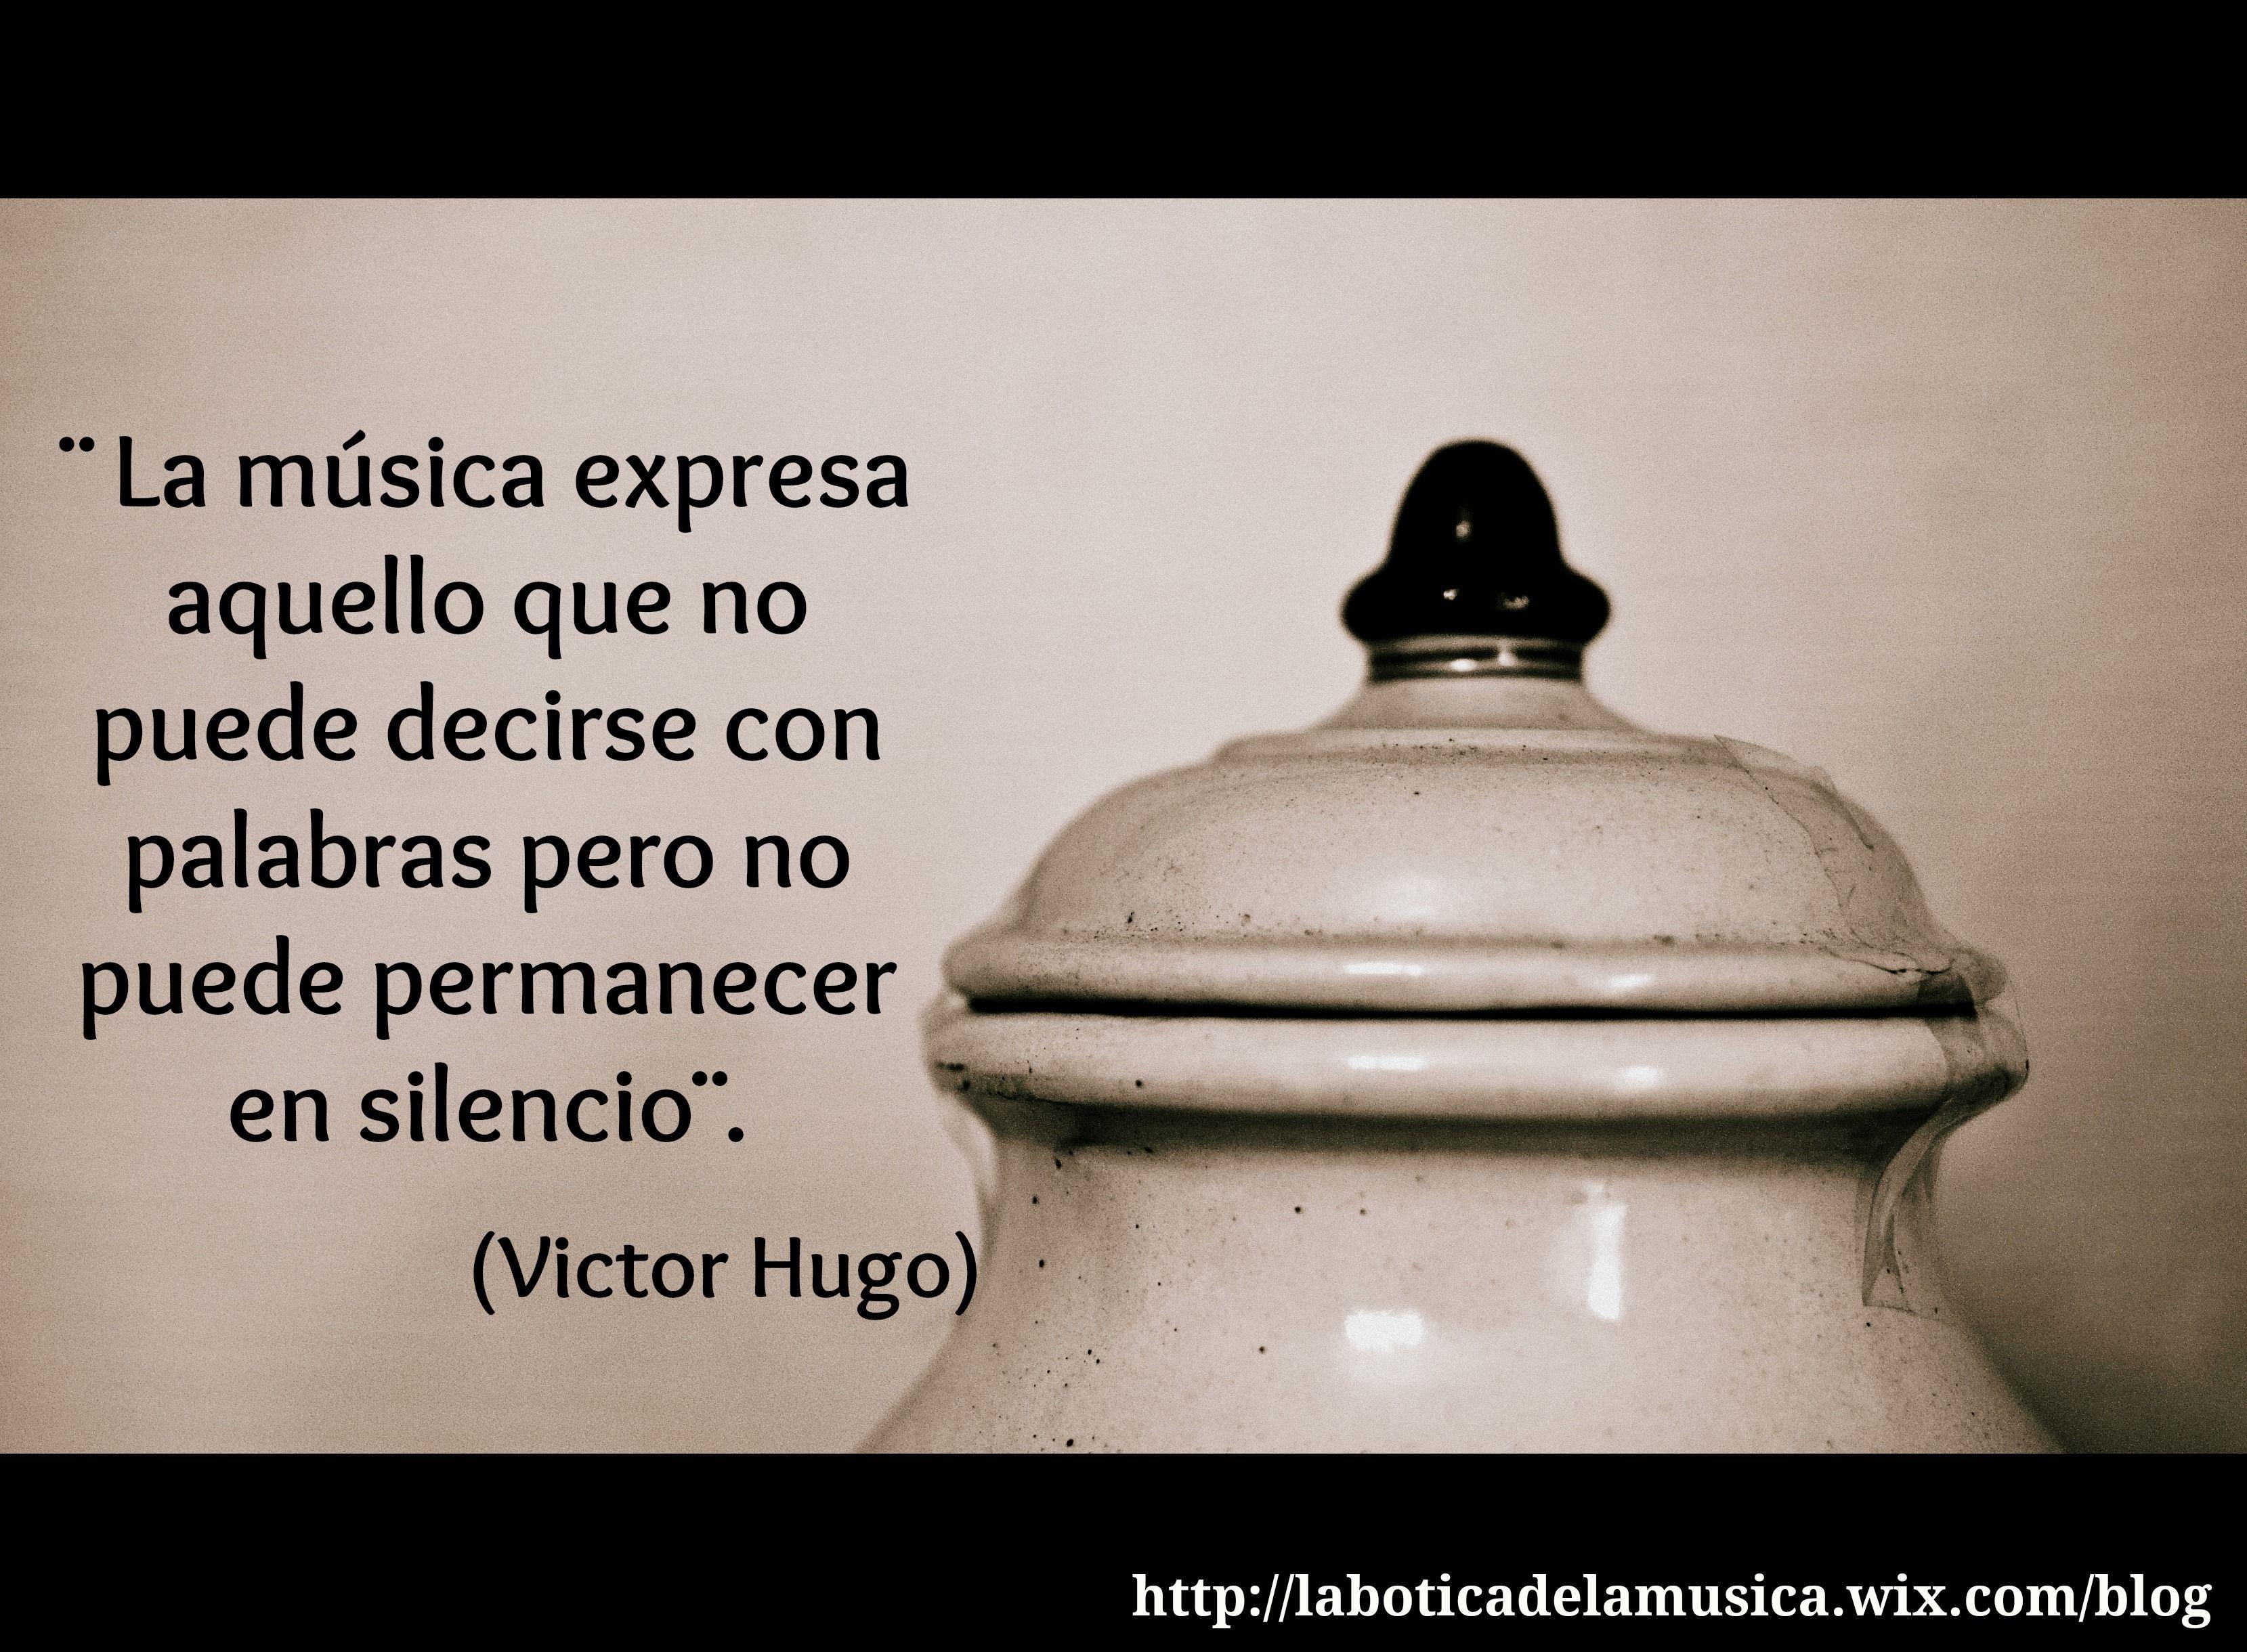 ¨ La música expresa aquello que no puede decirse con las palabras pero no puede permanecer en silencio¨ Victor Hugo